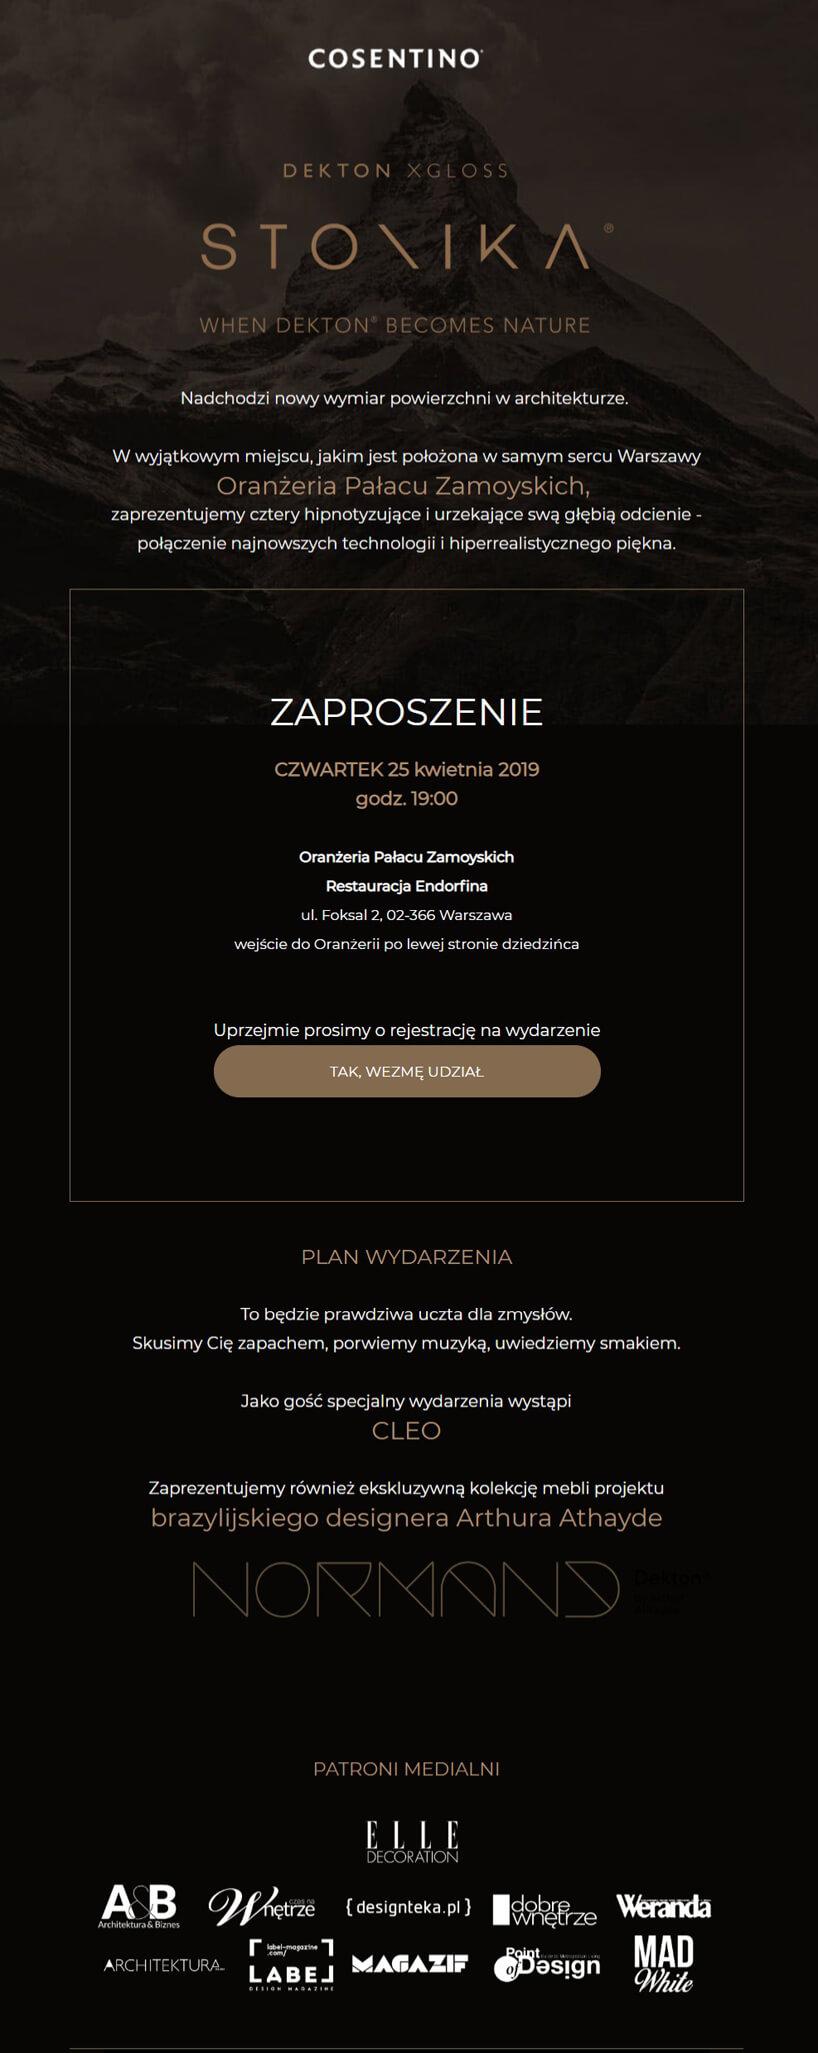 zaproszenie na premierę Cosetino Dekton Stonika